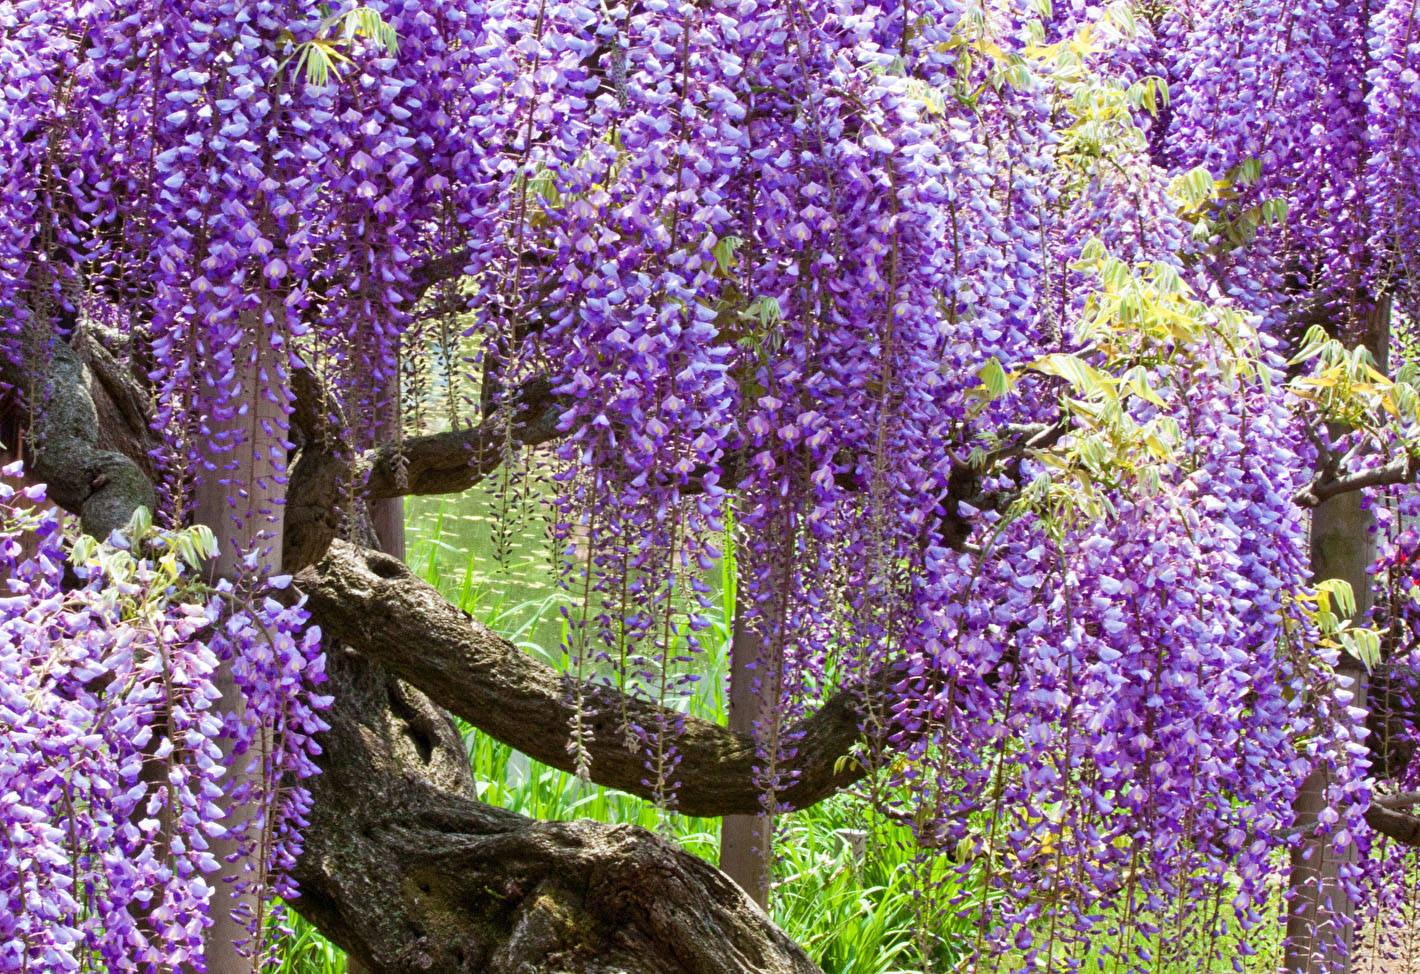 Глициния обильноцветущая: описание лианы вистерия флорибунда (wisteria floribunda), подвидов роял пурпл, блэк дракон и других, уход и особенности размножения